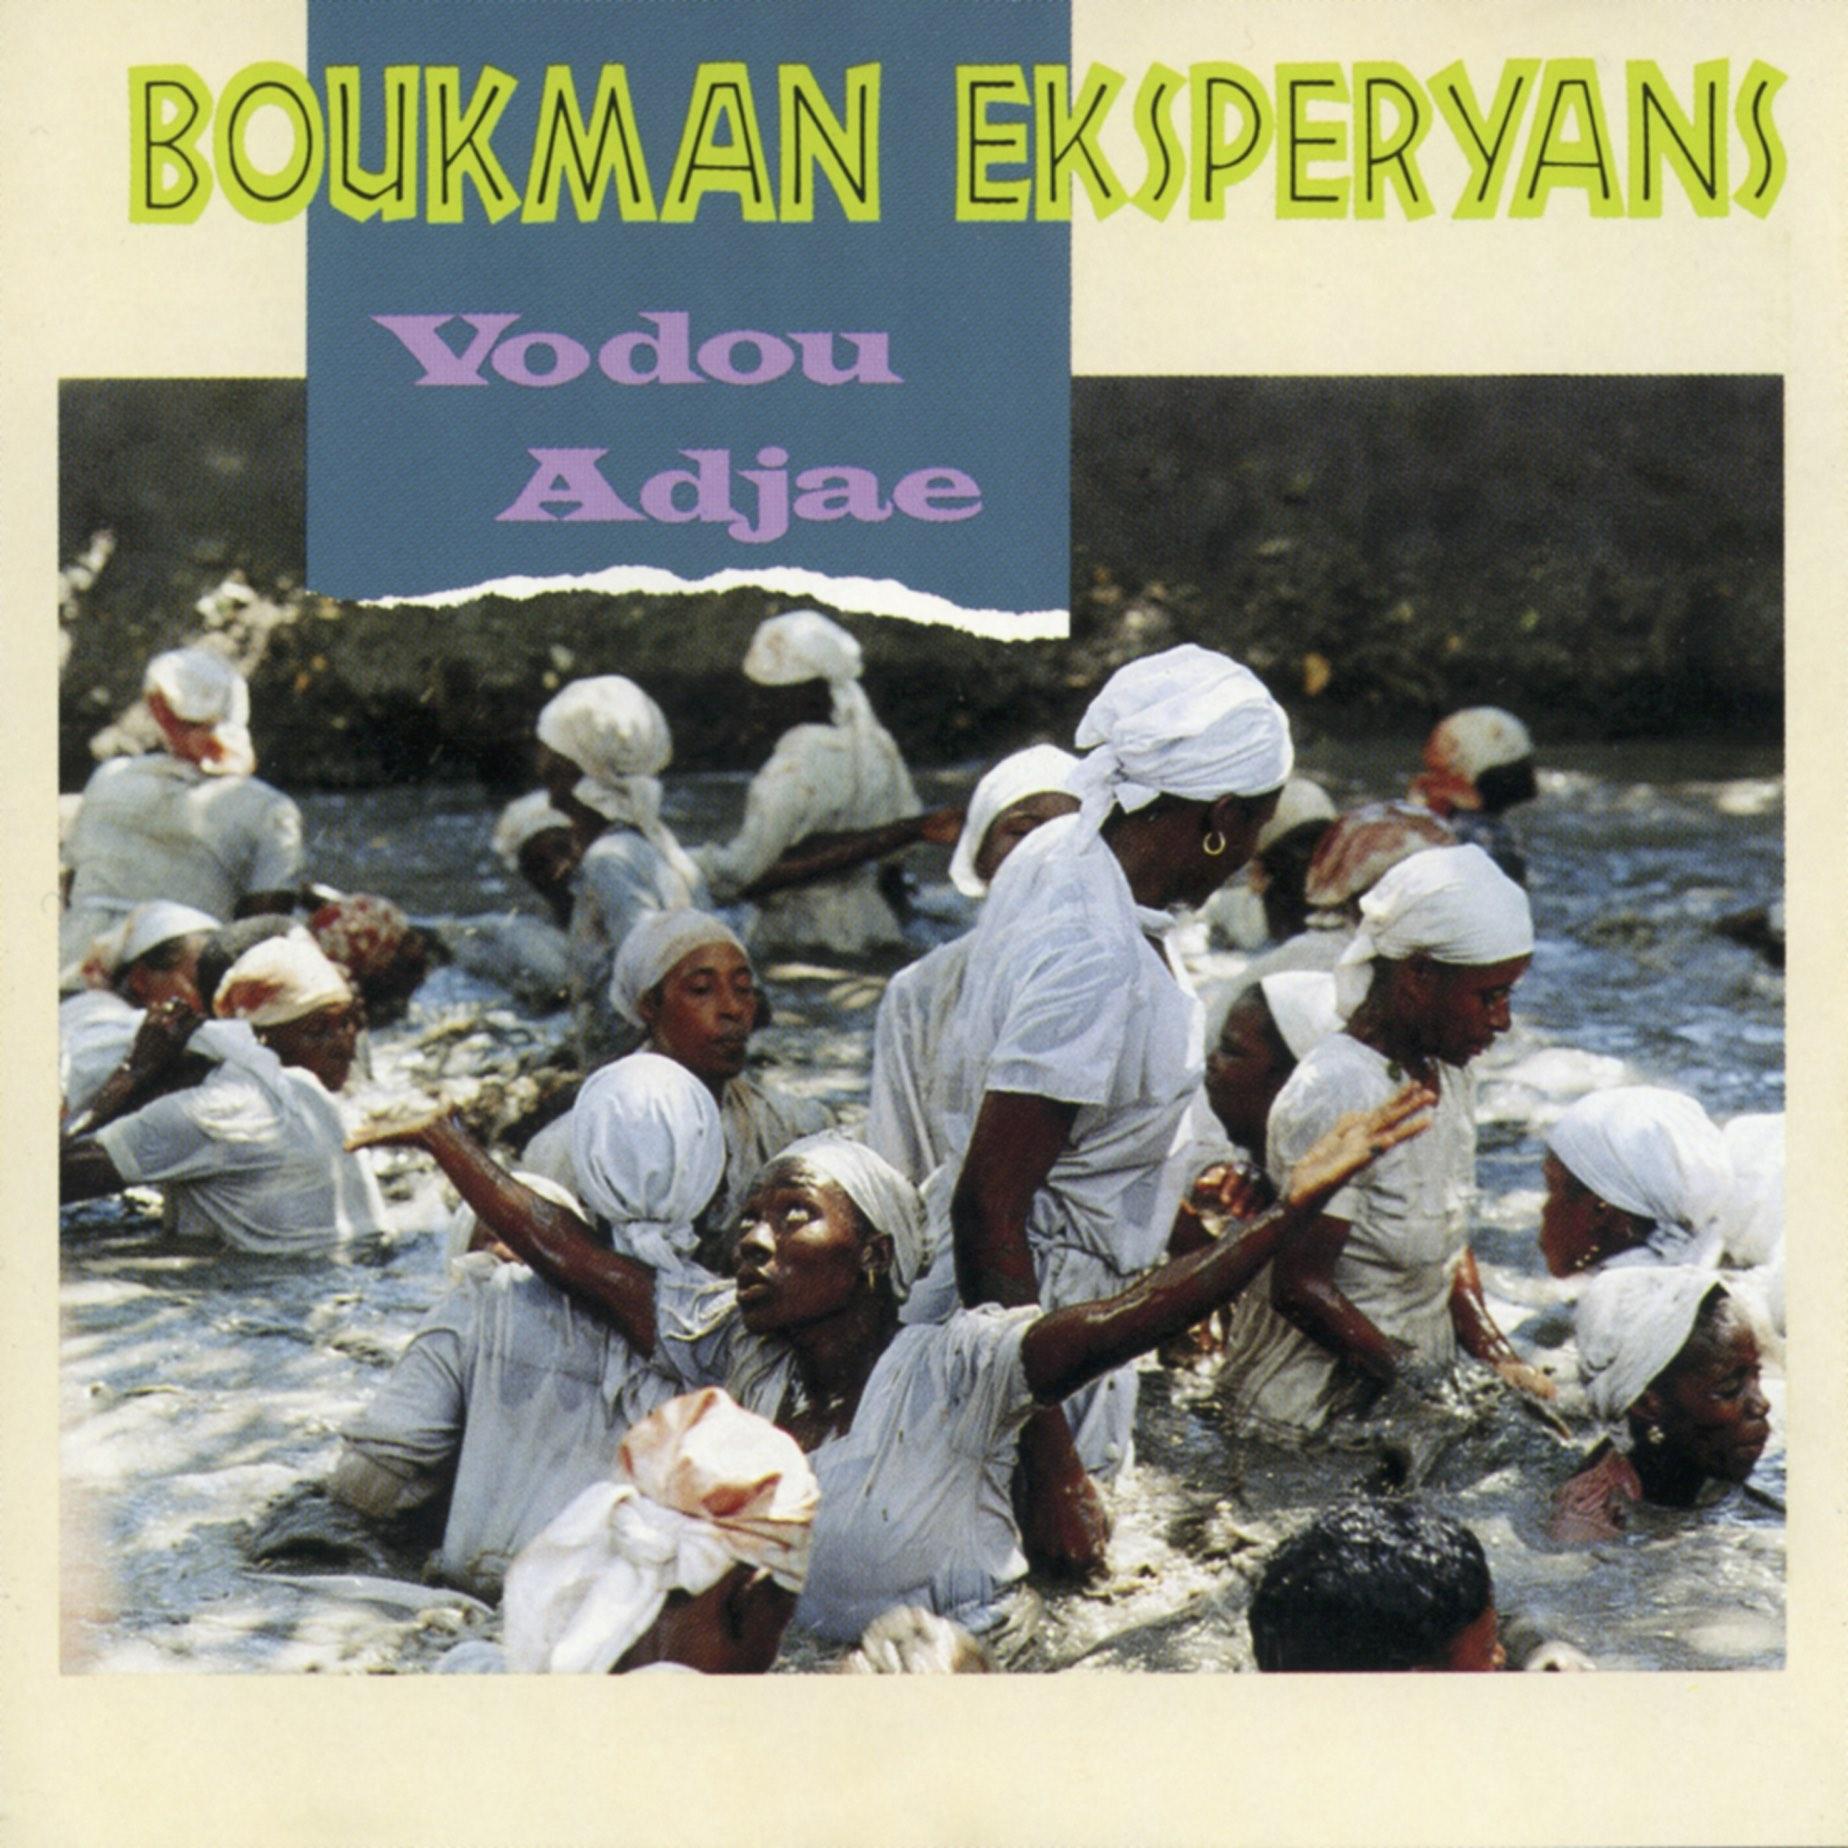 1991_Boukman_Eksperyans